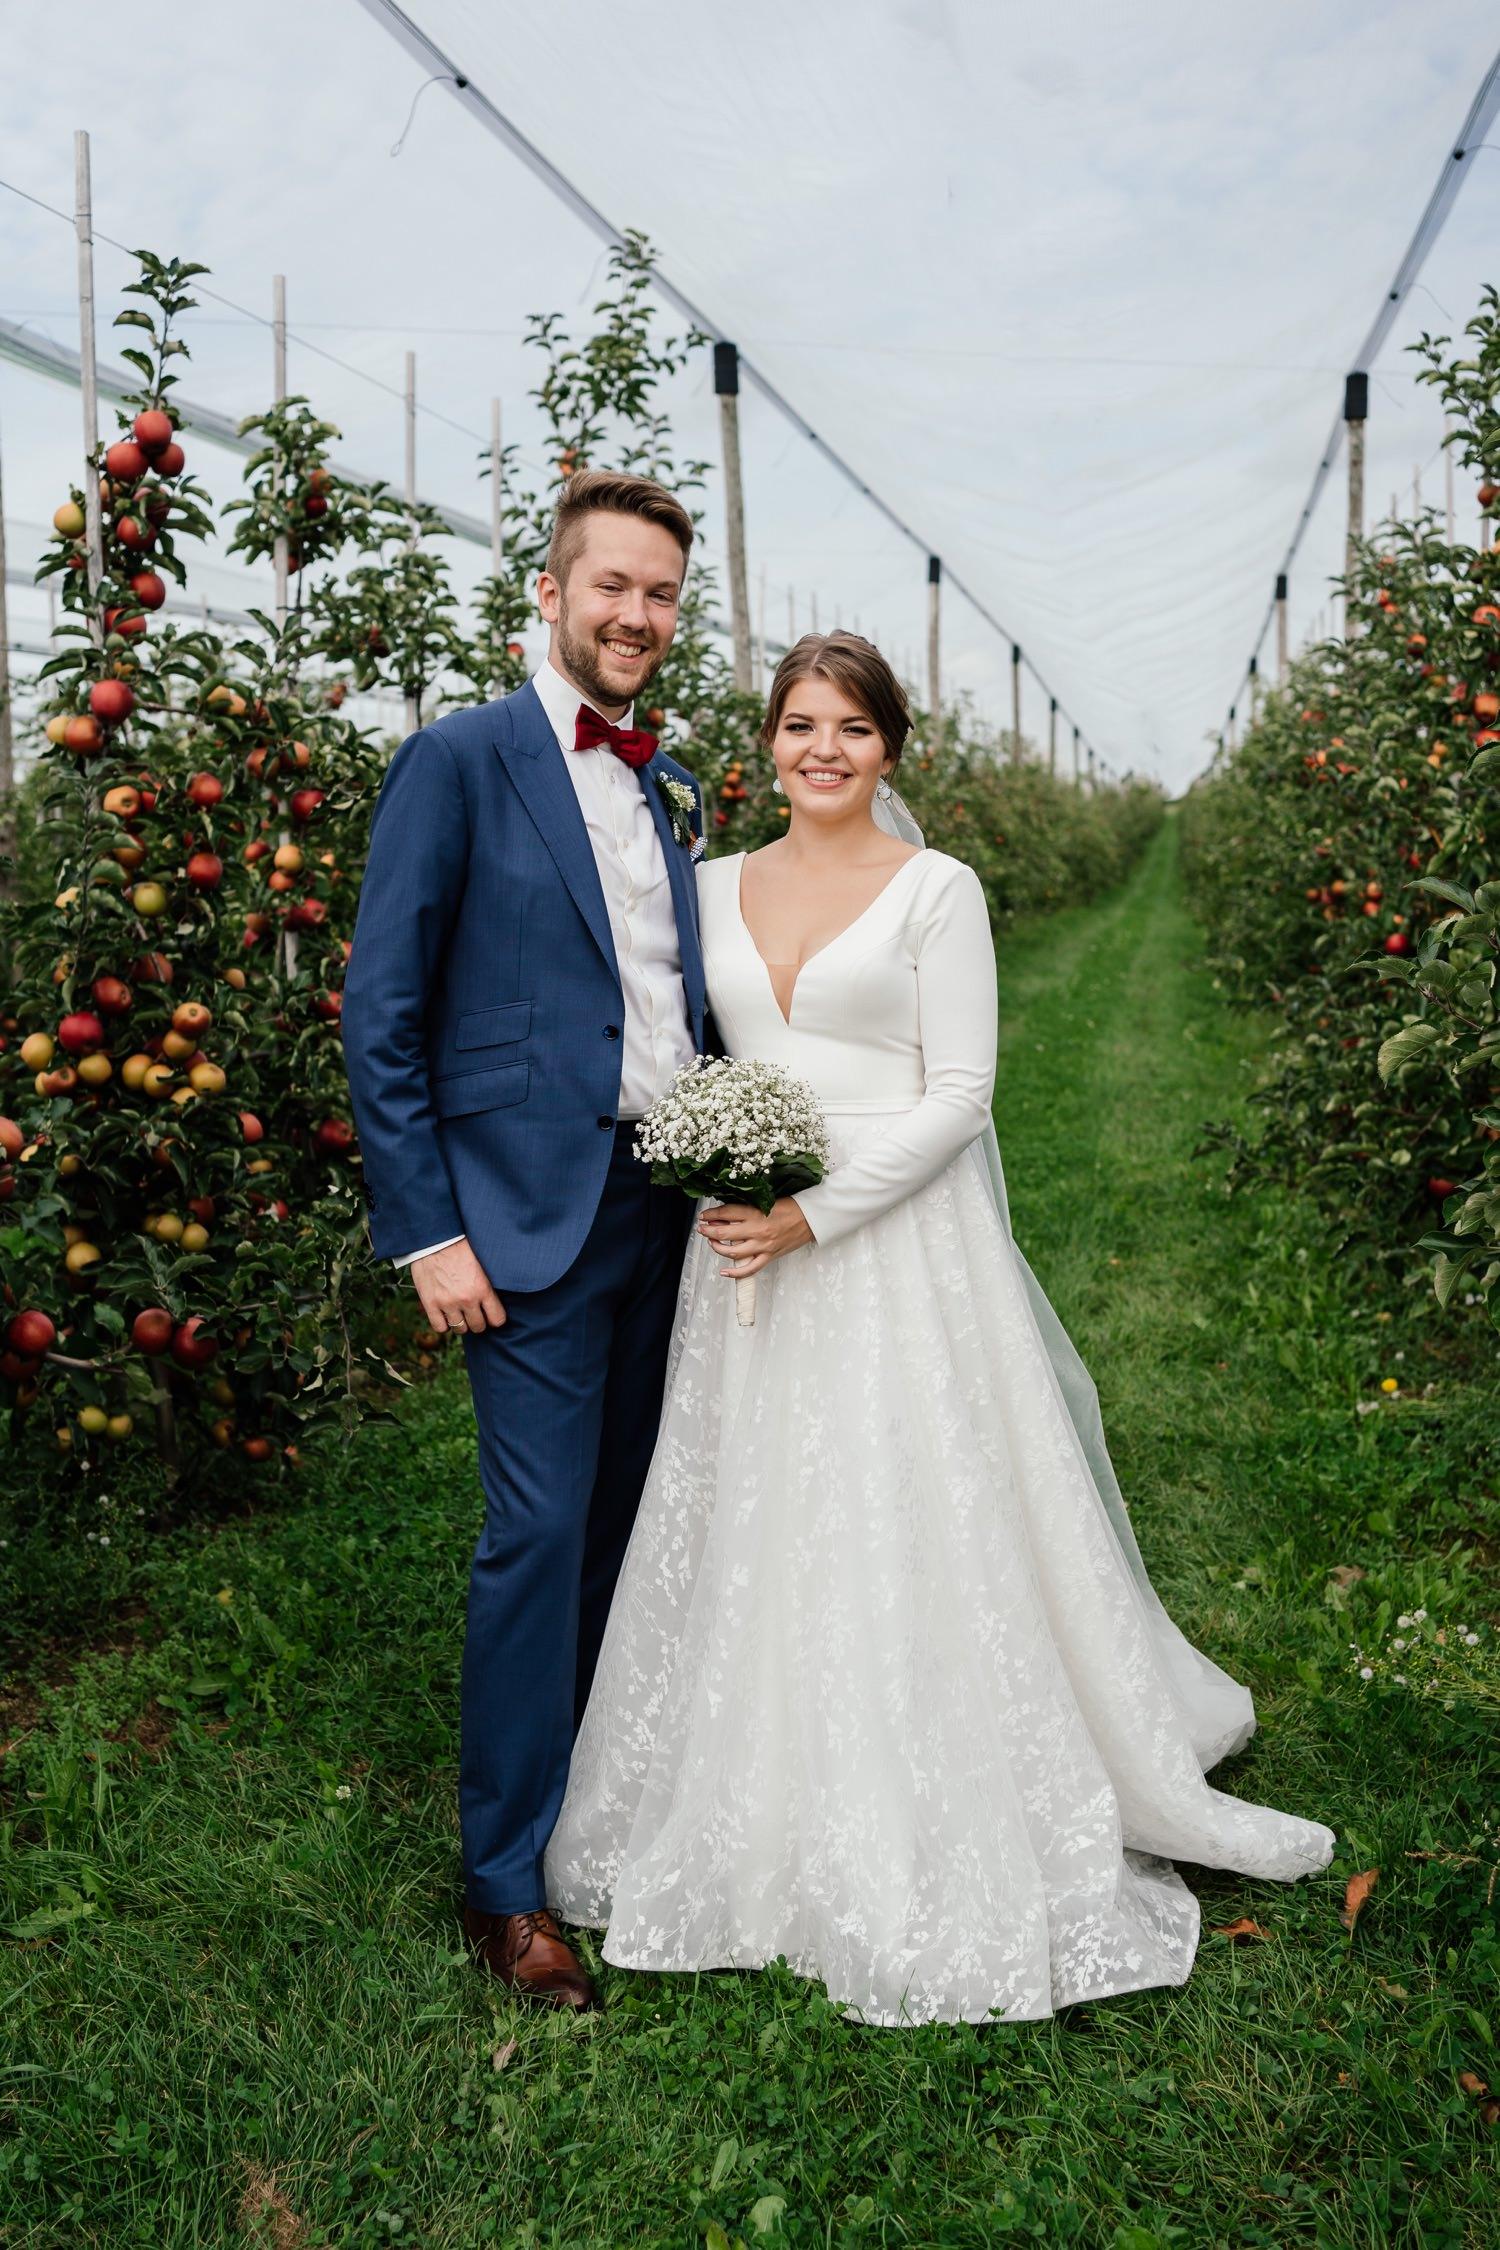 Fotografin für Heiraten in Friedrichshafen